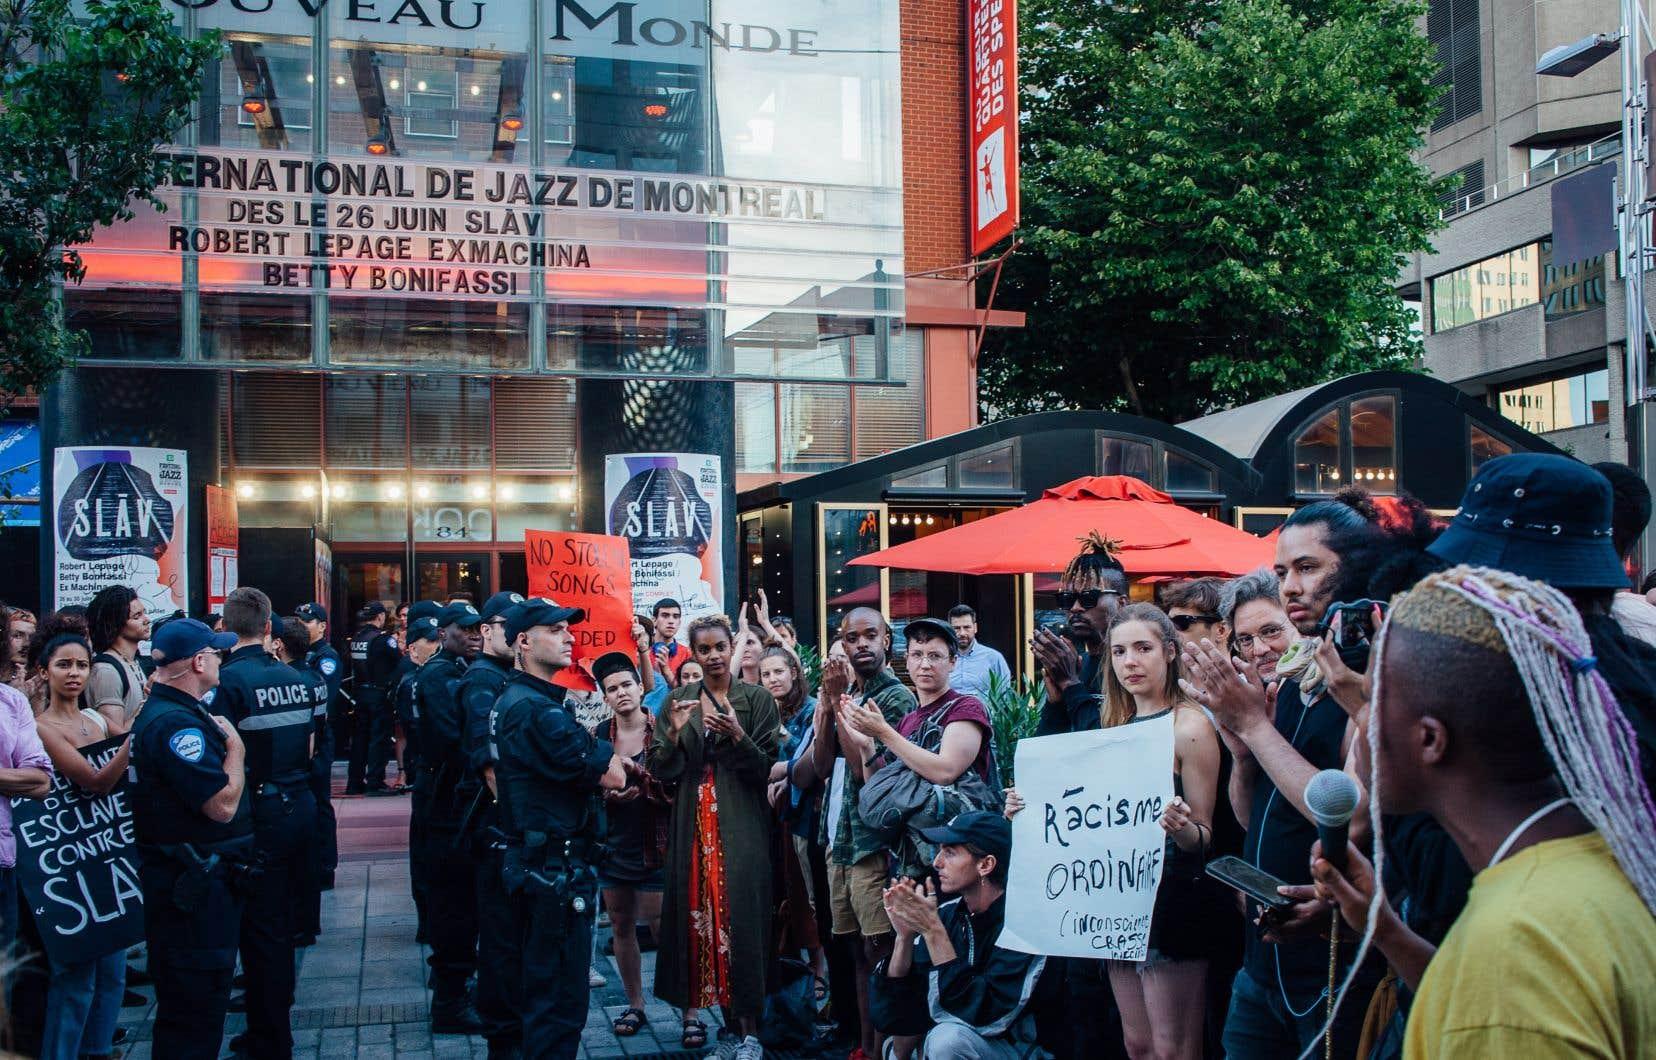 Manifestation lors de la première de la pièce de théâtre «SLAV» de Robert Lepage